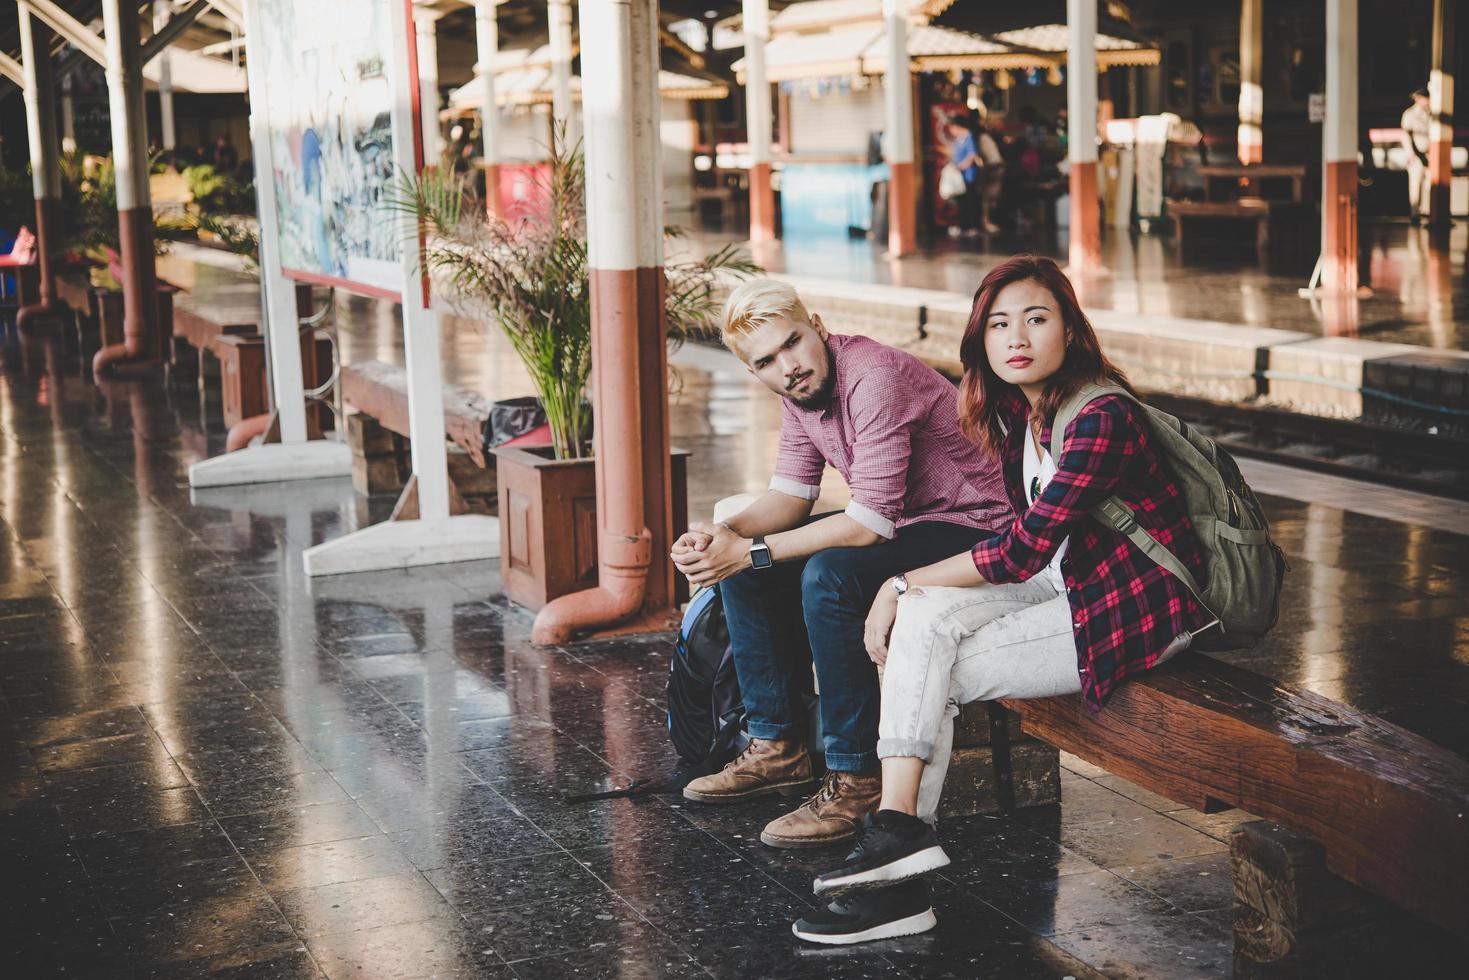 casal jovem hippie sentado em um banco de madeira na estação de trem foto